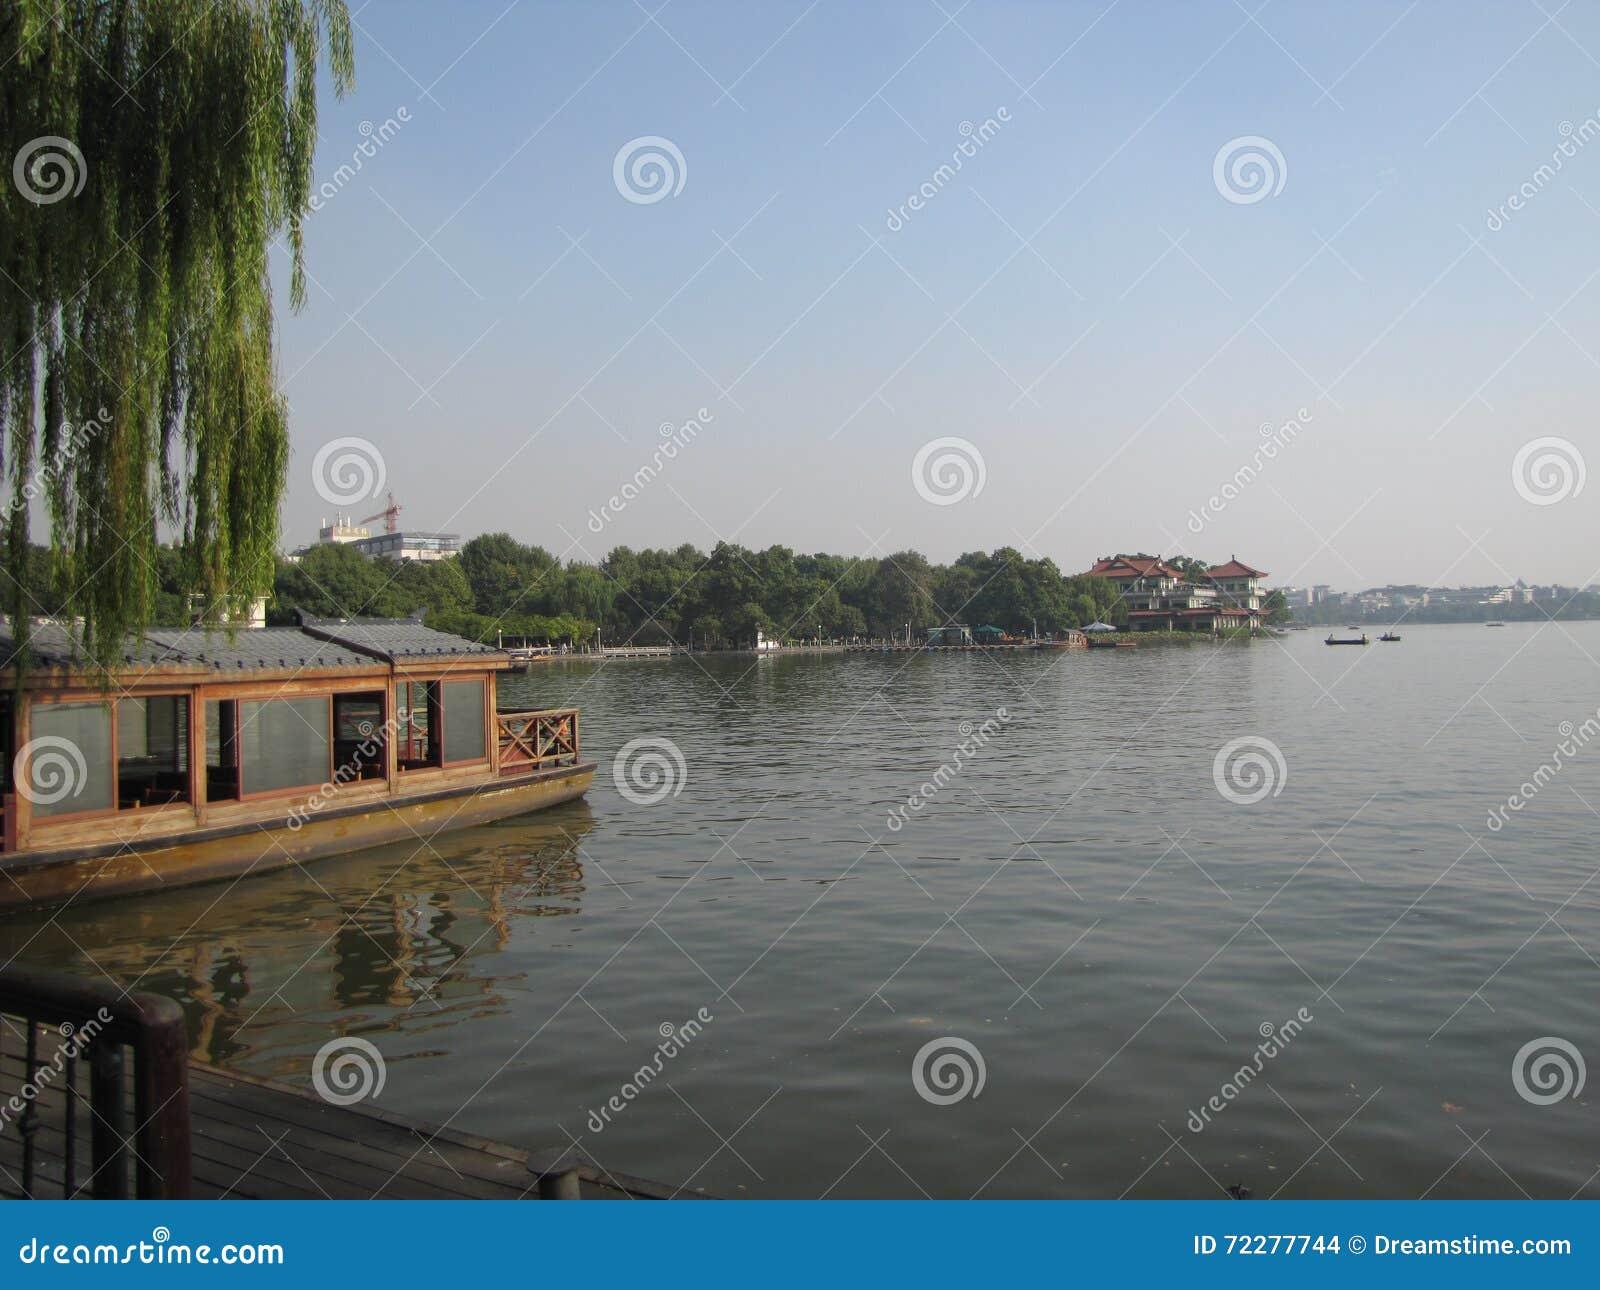 Download Западное озеро редакционное стоковое изображение. изображение насчитывающей фото - 72277744